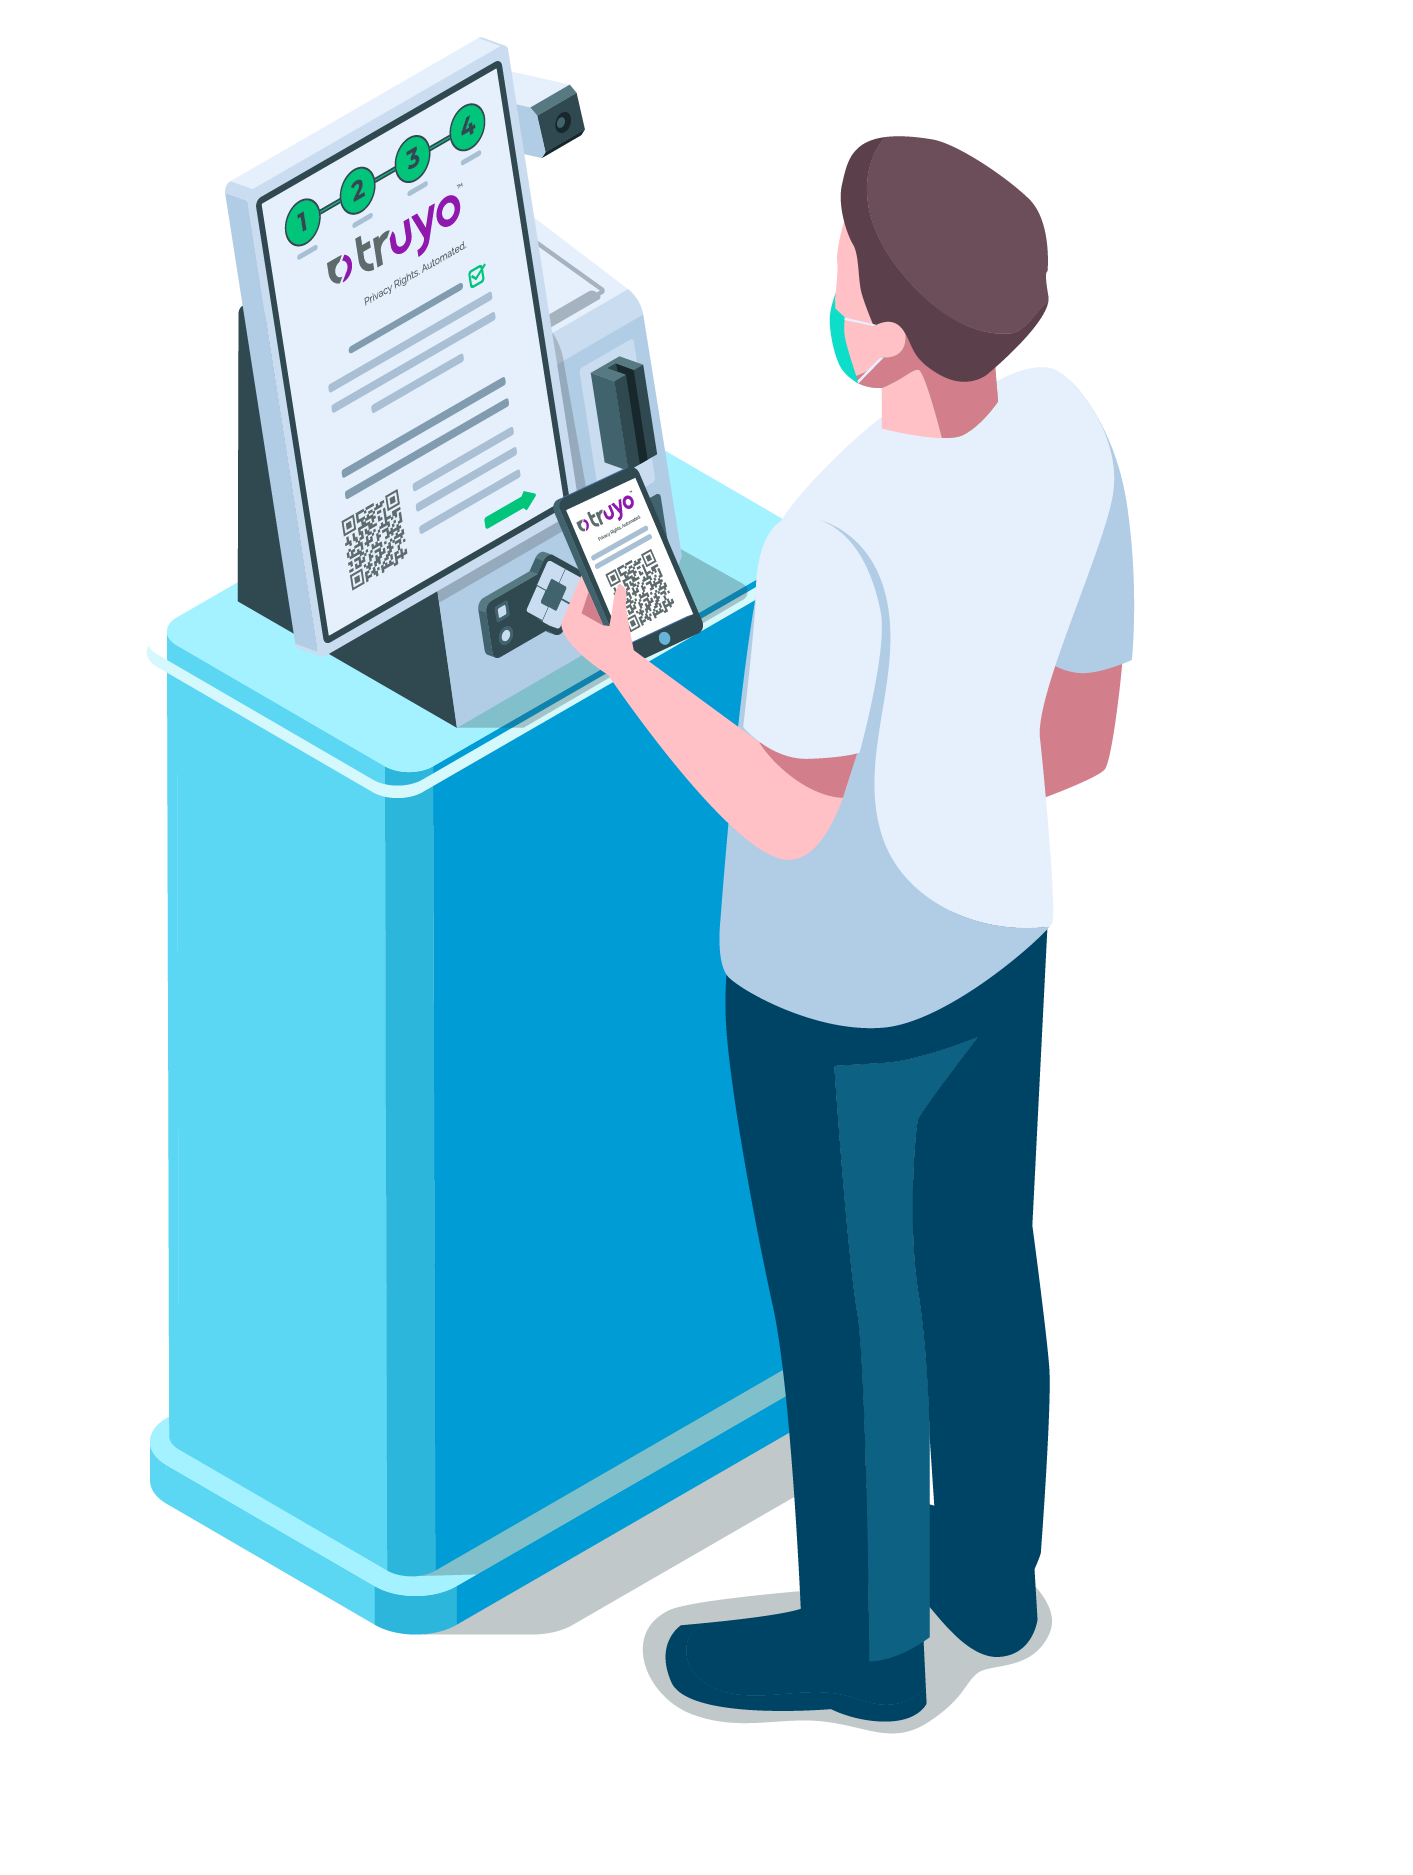 janus temperature screening kiosk